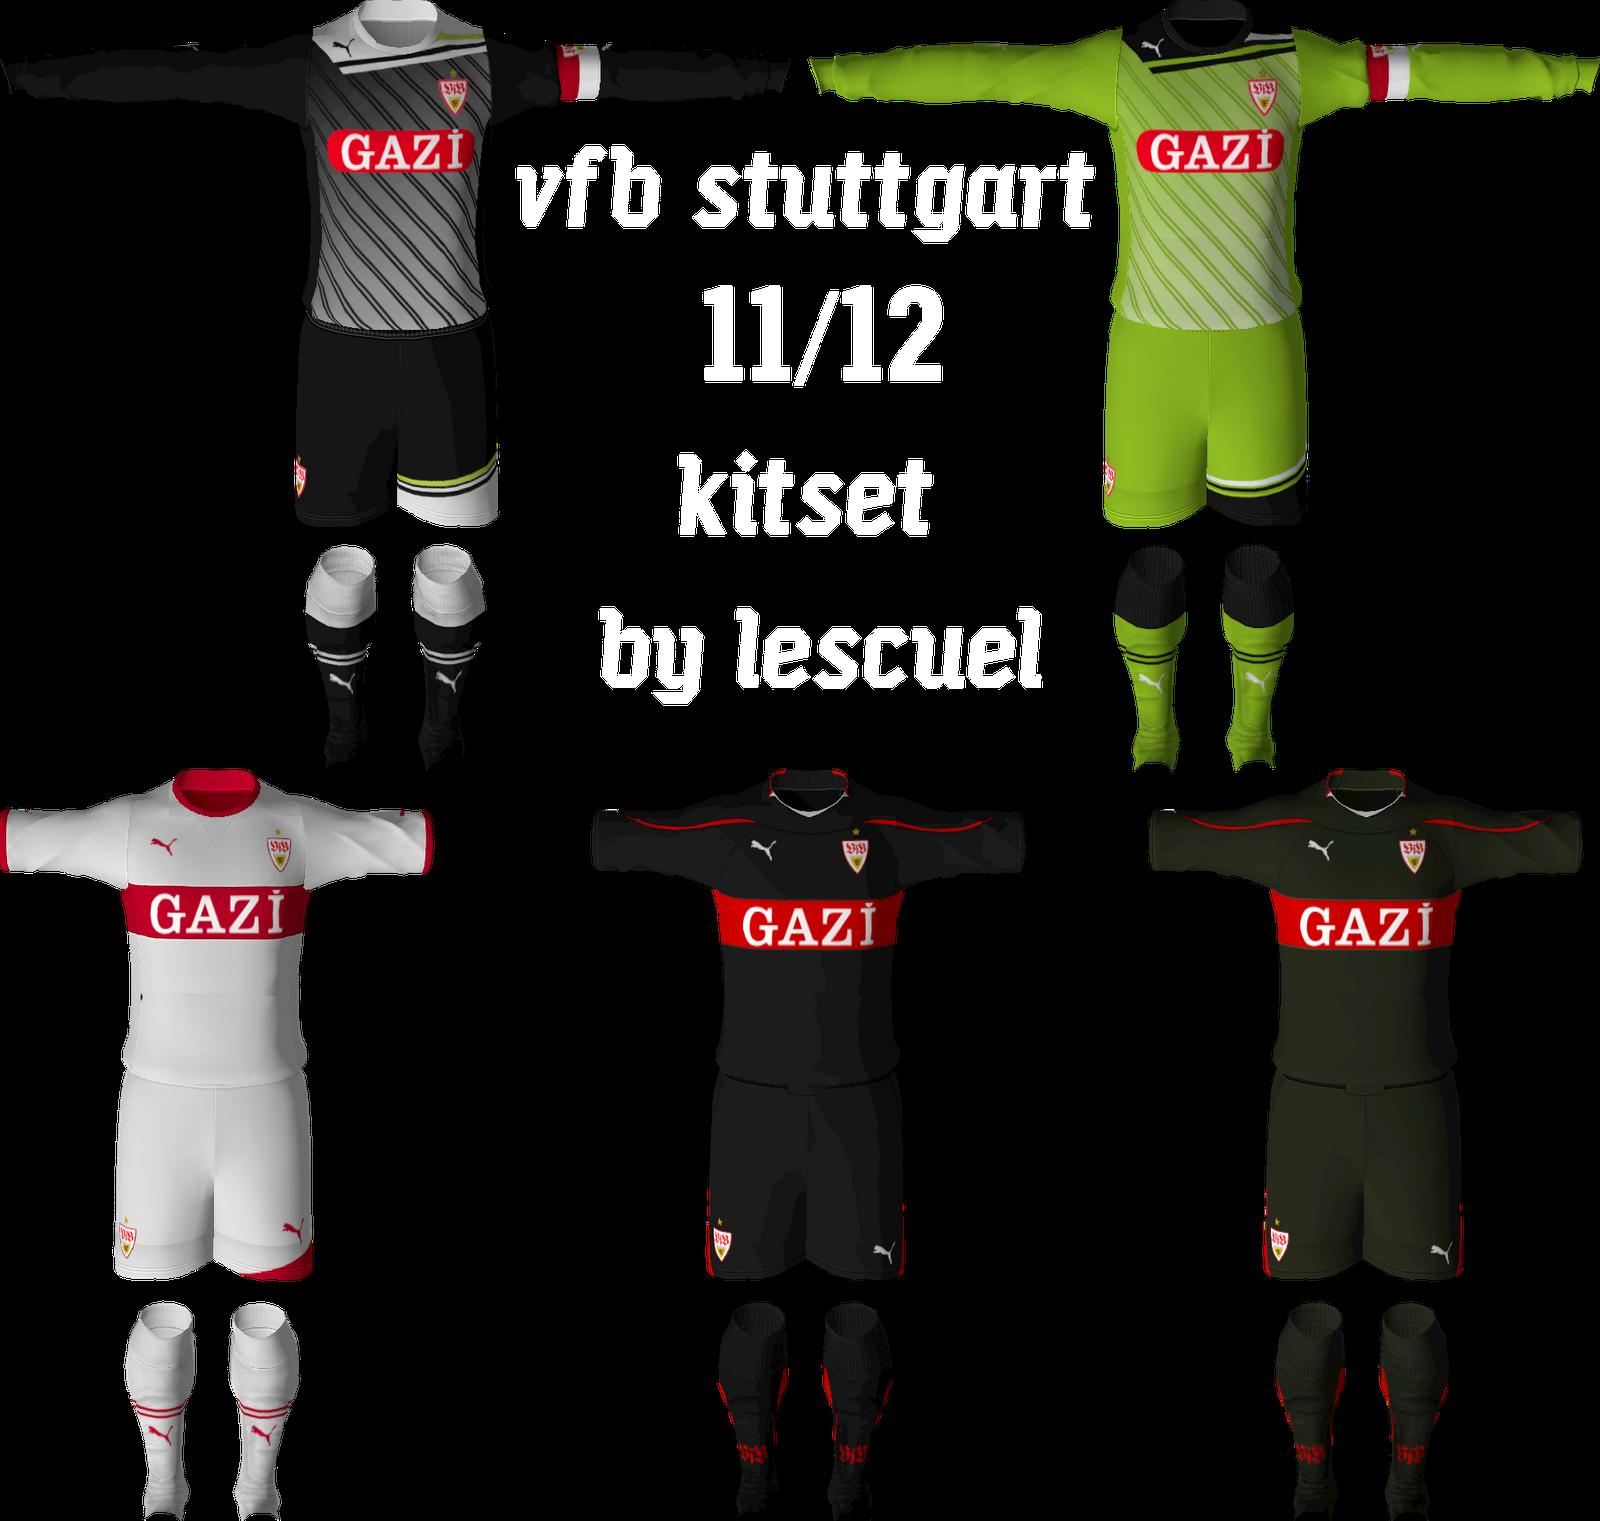 Chùm ảnh: VfB Stuttgart jersey (25)